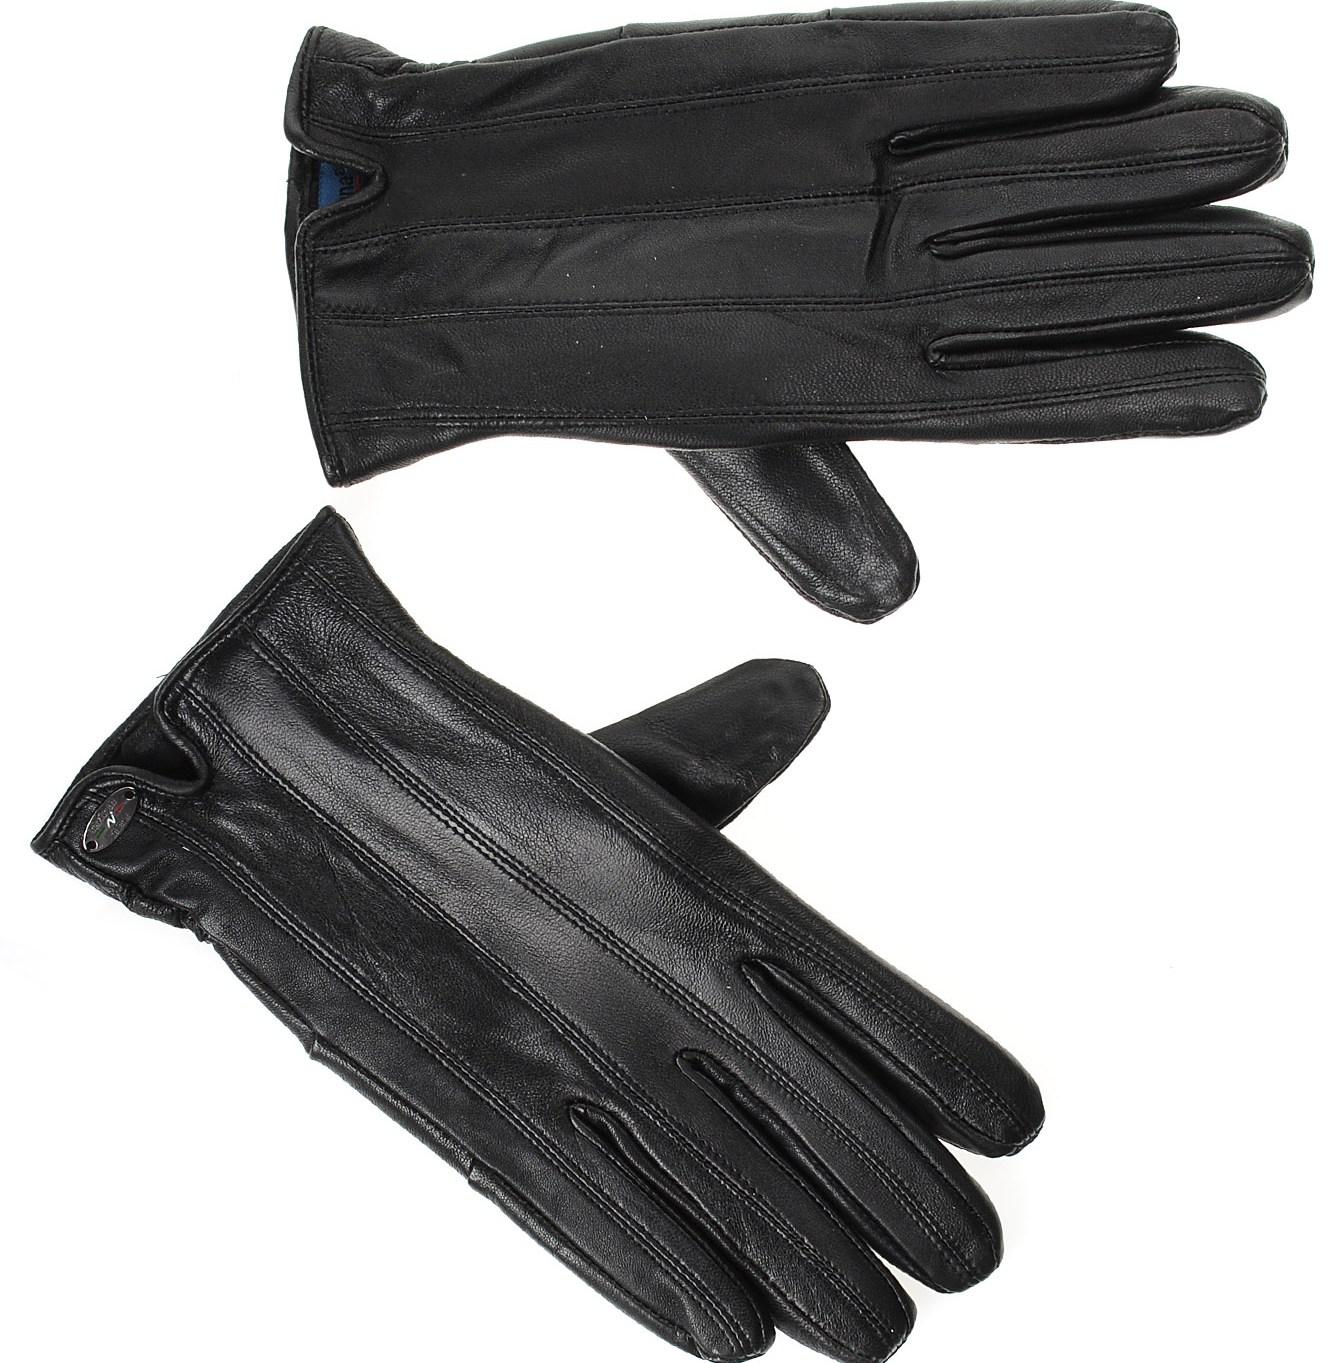 Ανδρικά Δερμάτινα Γάντια Brandbags Collection NIG012